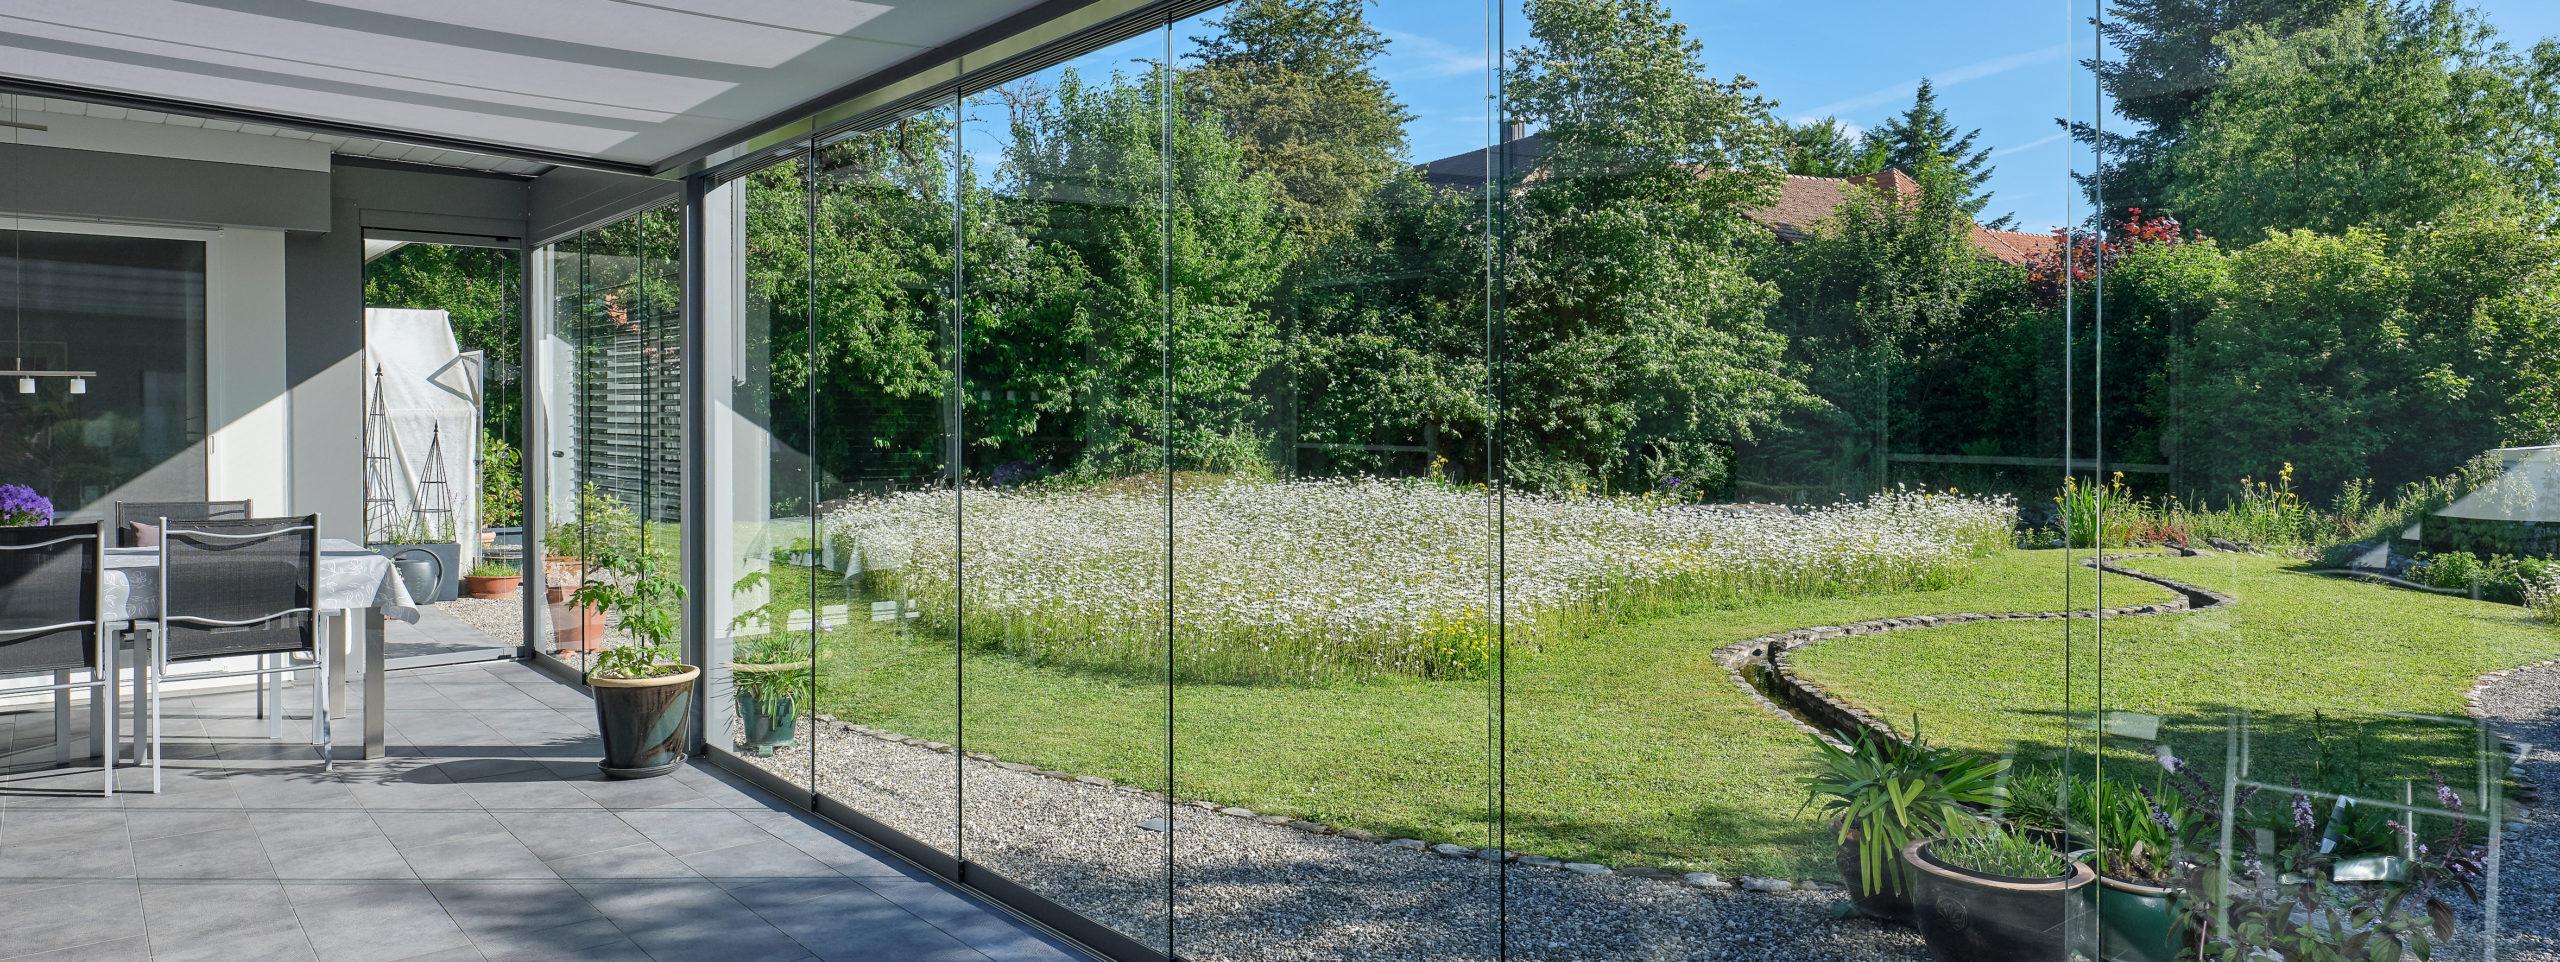 Glashaus_Sommergarten